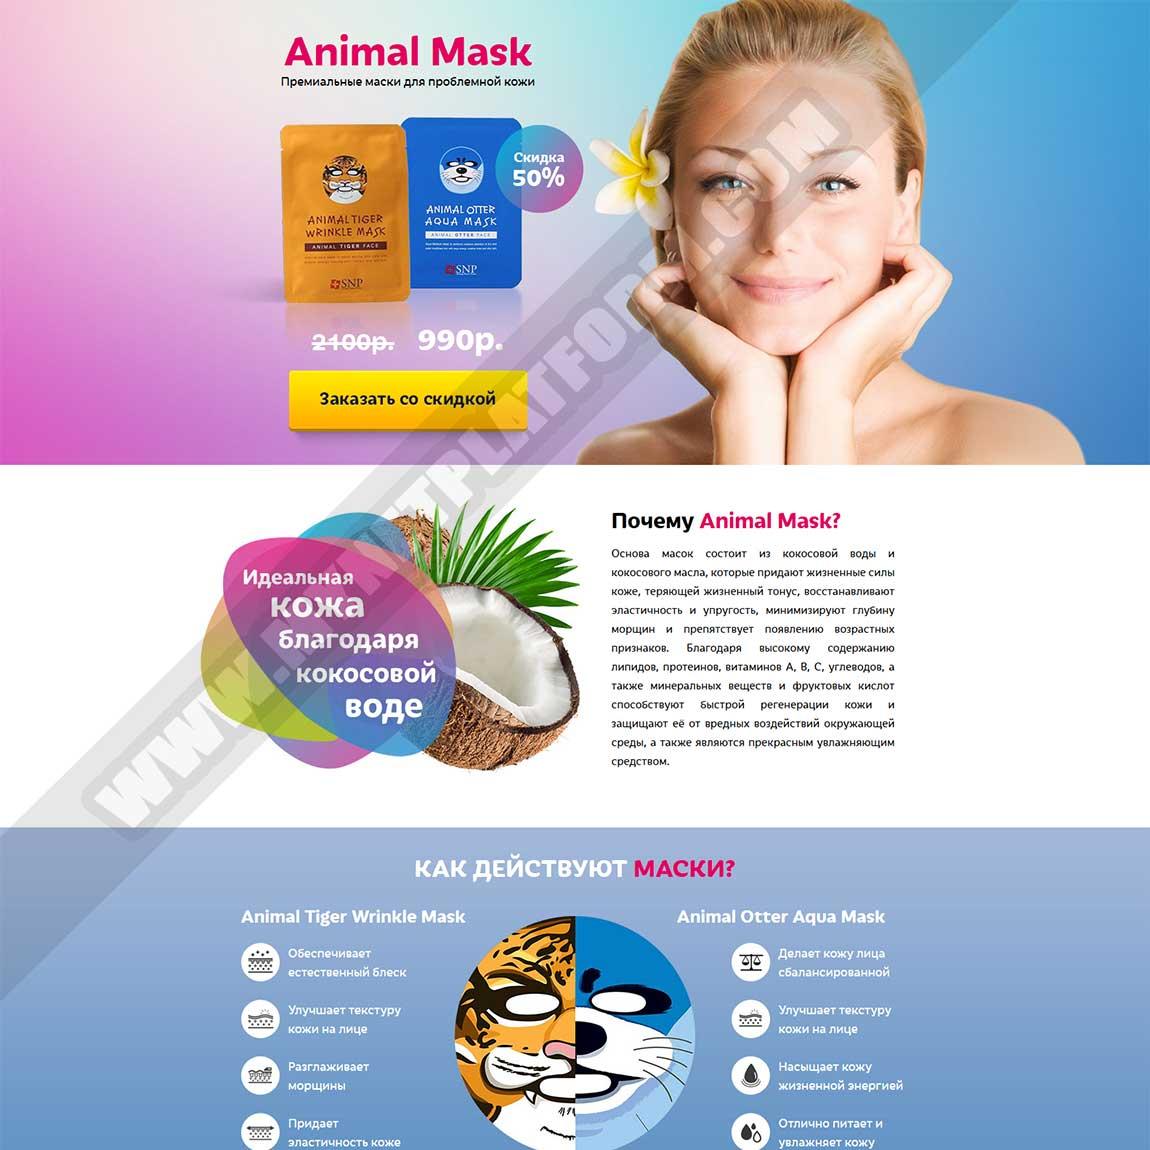 Миниатюра Готового лендинга Animal Mask - премиальные маски для проблемной кожи 001